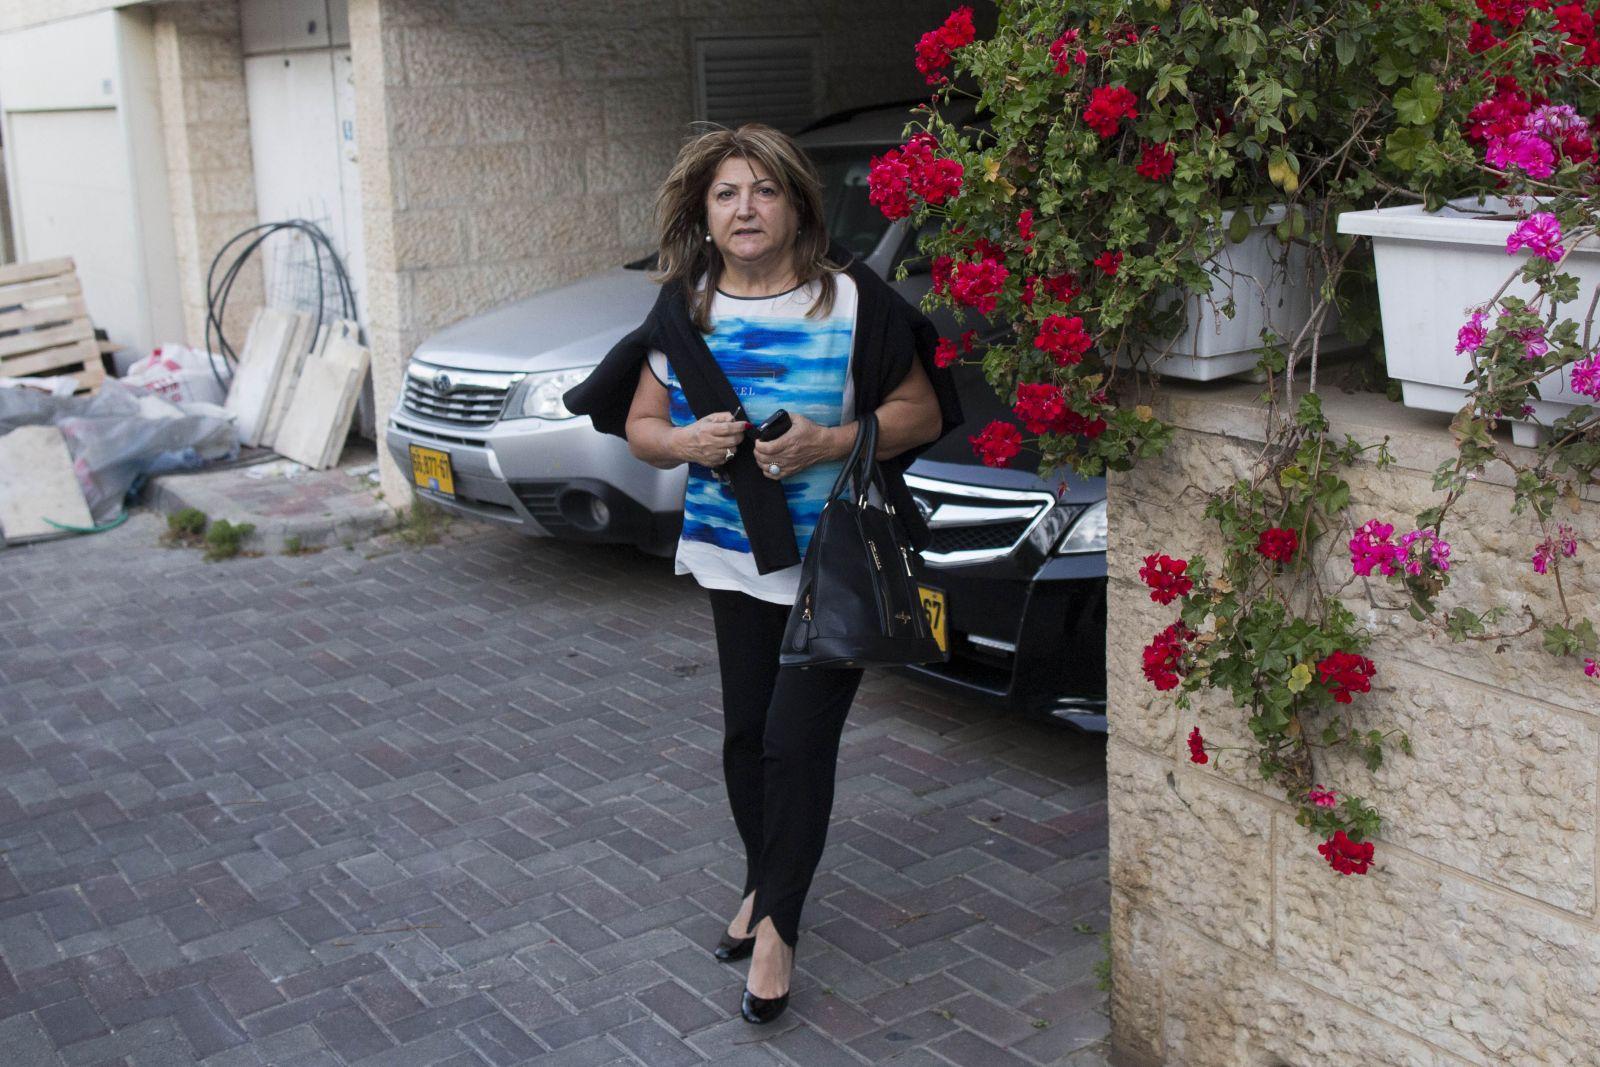 שולה זקן מחוץ לביתה בירושלים, 3.4.14 (צילום: יונתן זינדל)